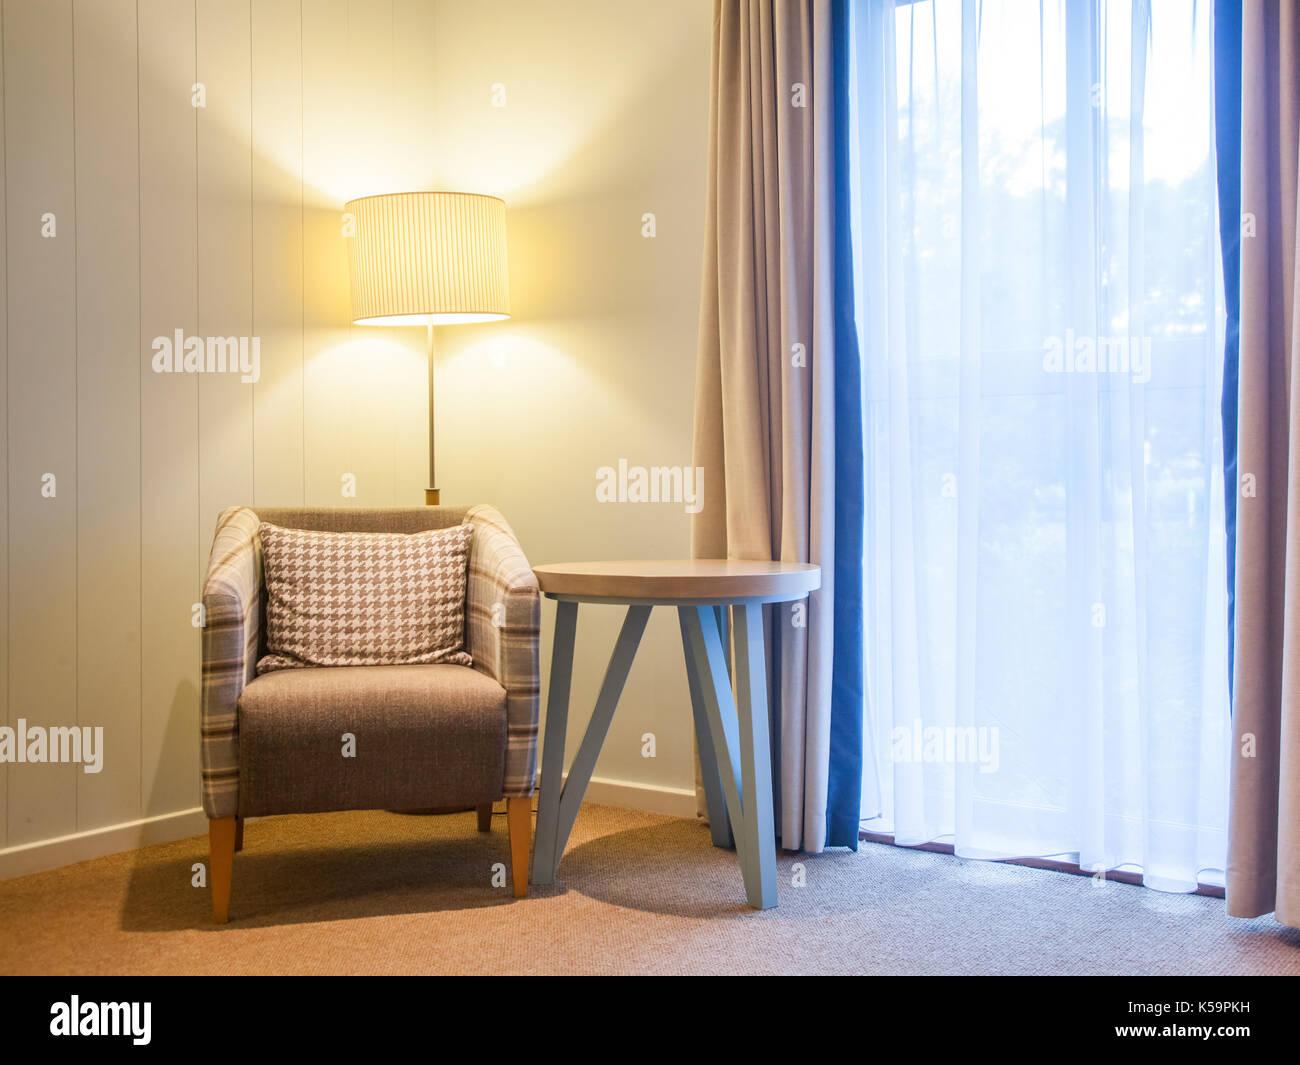 Stuhl Und Lampe Durch Die Fenster Gemütliche Leseecke Stockfoto